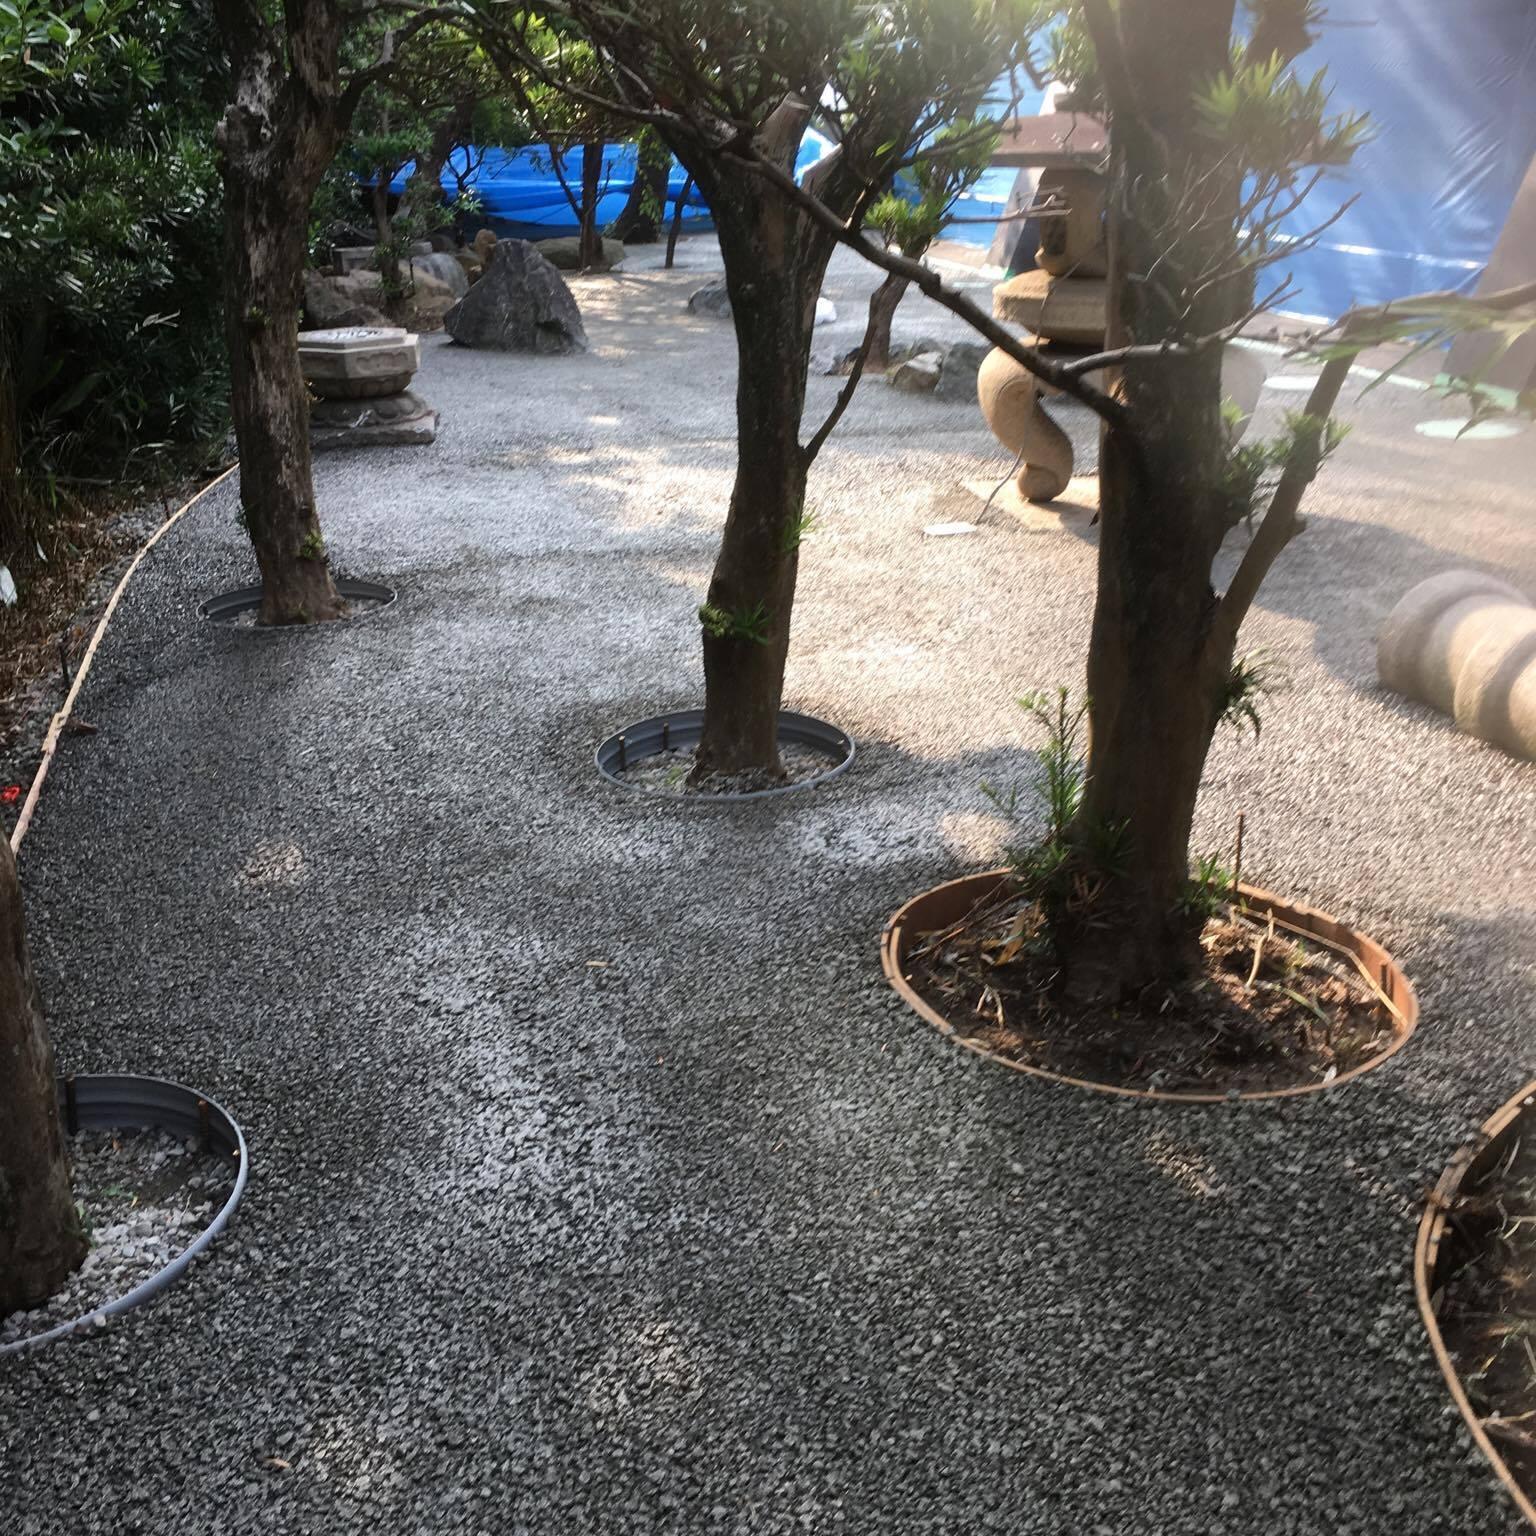 「今日はドライテック祭り!」 和歌山・透水・エクステリア・草・裏庭・集合住宅・水たまり